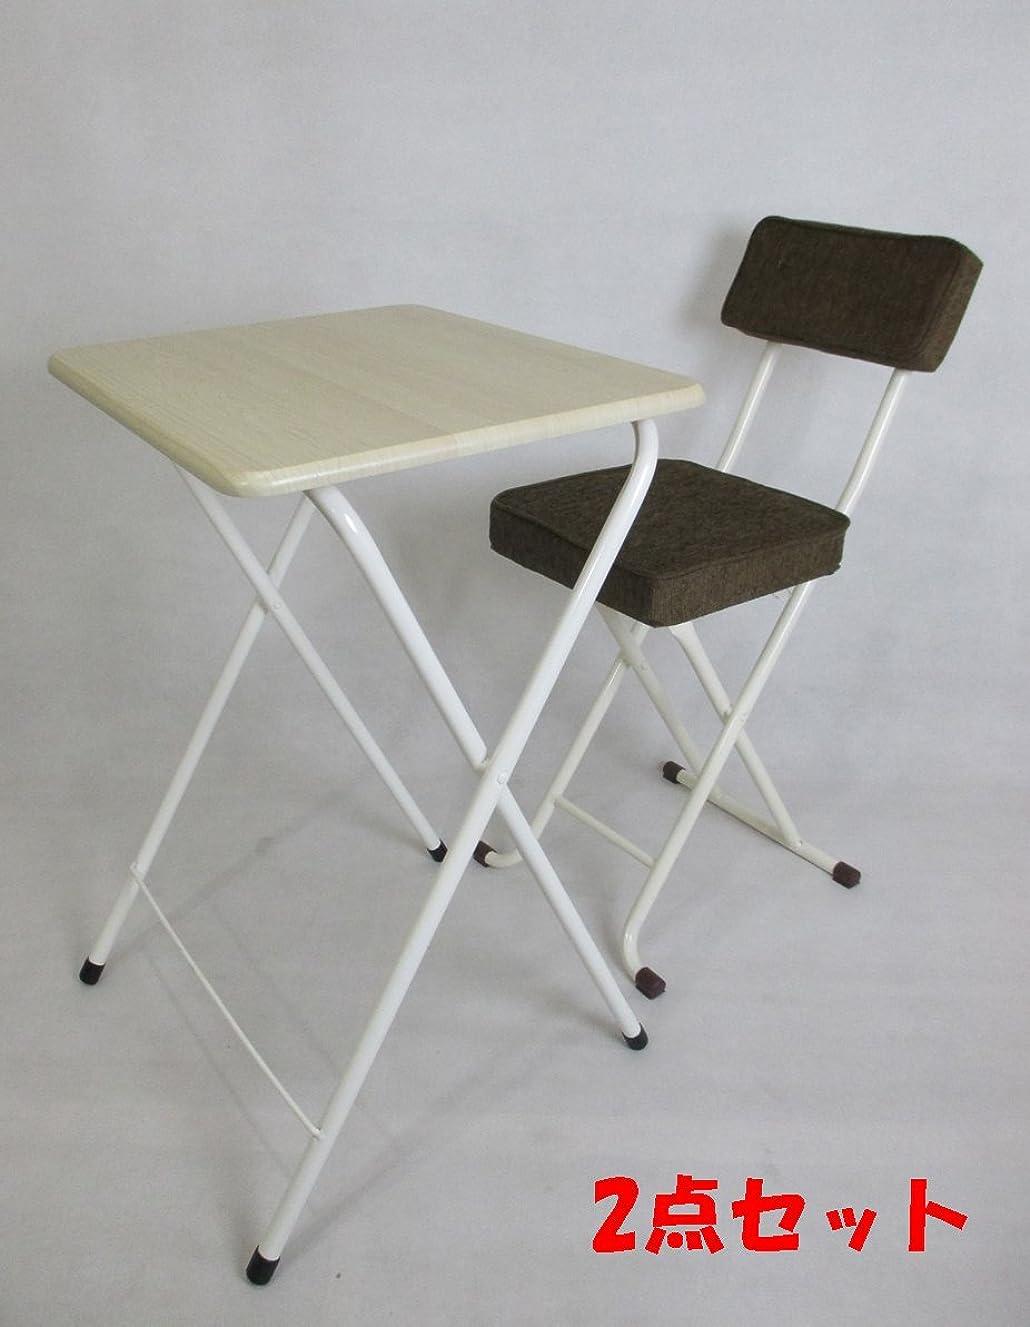 モーテル火山学者物思いにふける2点セット 折りたたみテーブル&椅子 学習 lh-50178 br